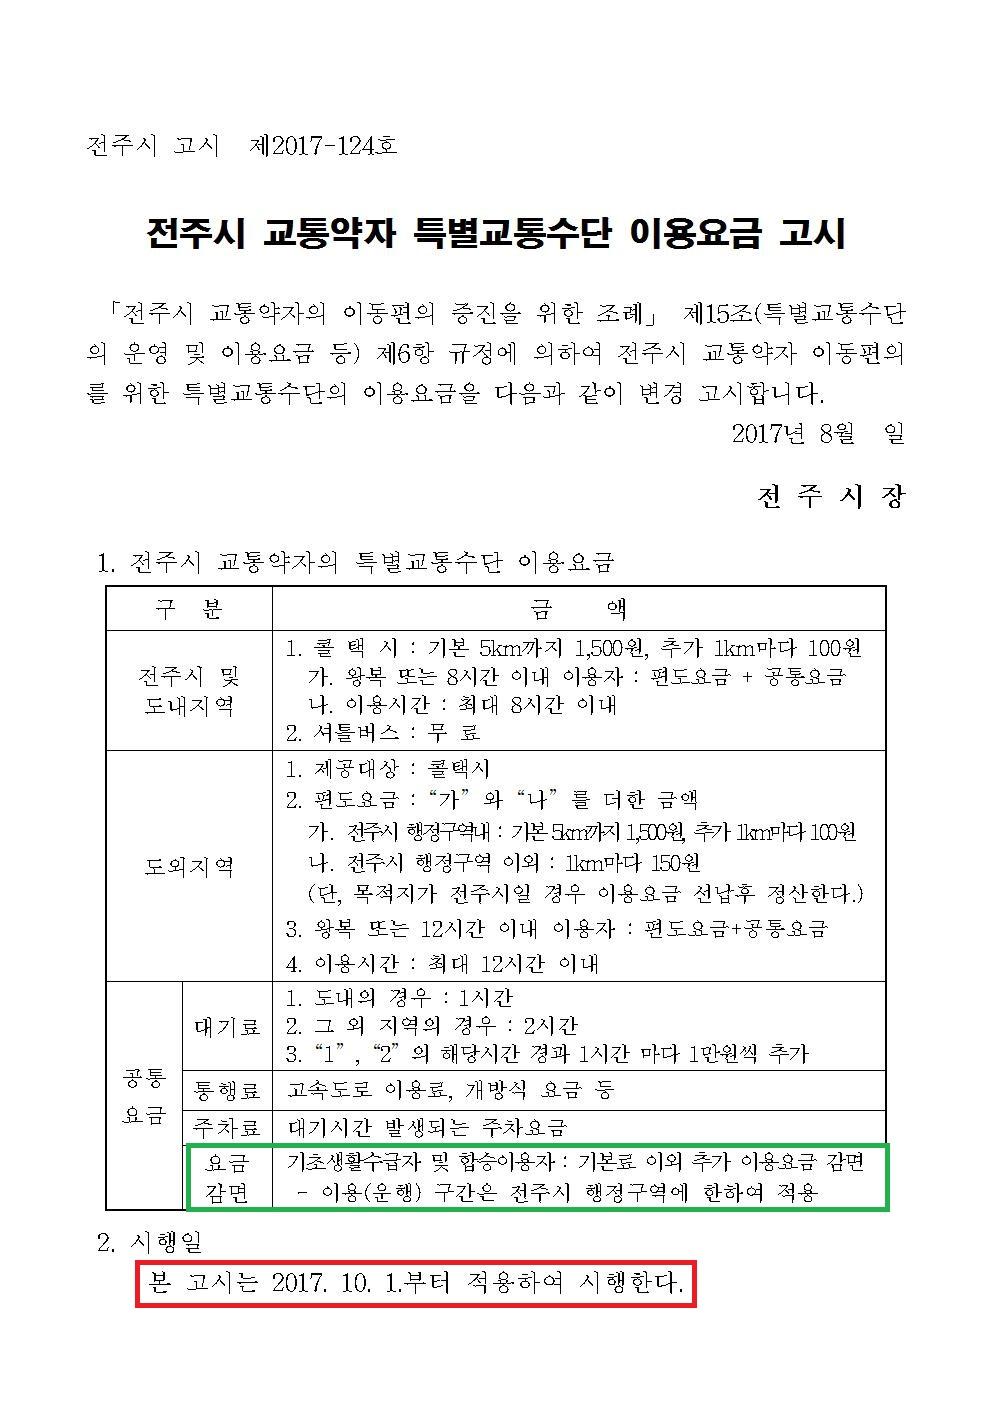 교통약자+특별교통수단+이용요금(변경)+고시(2017.10.1)1.jpg